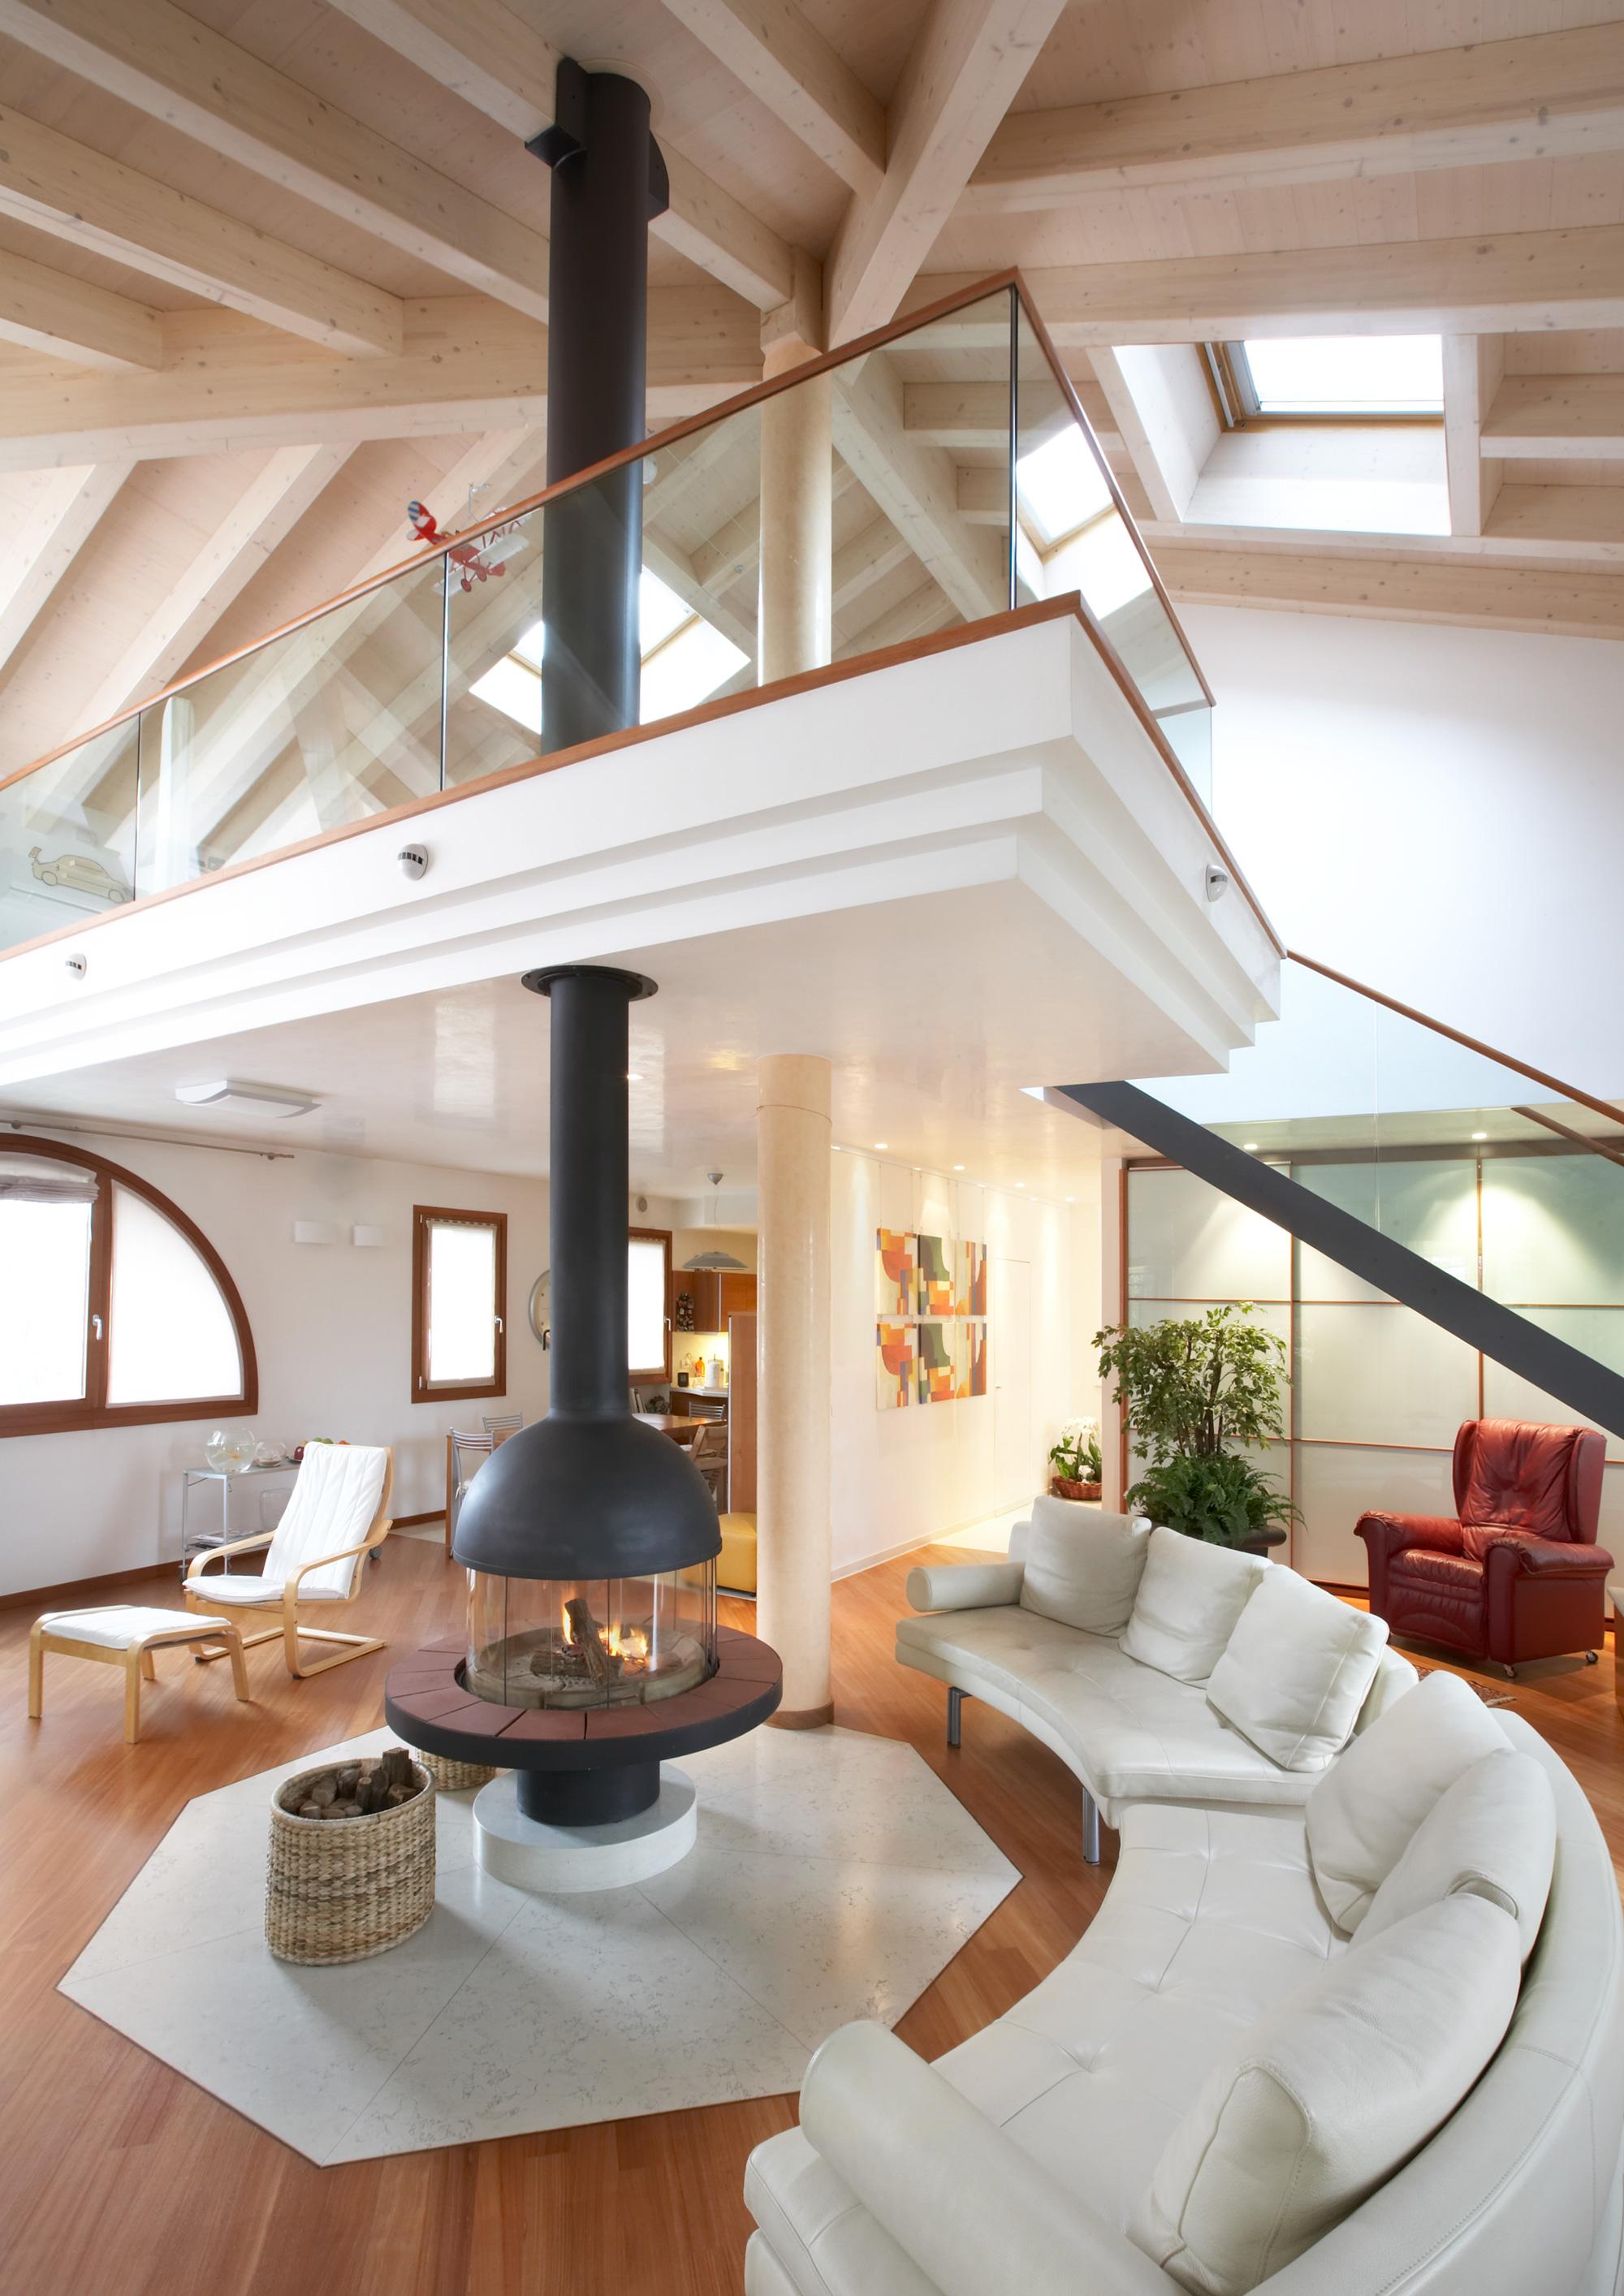 Awesome cucine con soppalco pictures ideas design 2017 - Cucine in veranda ...